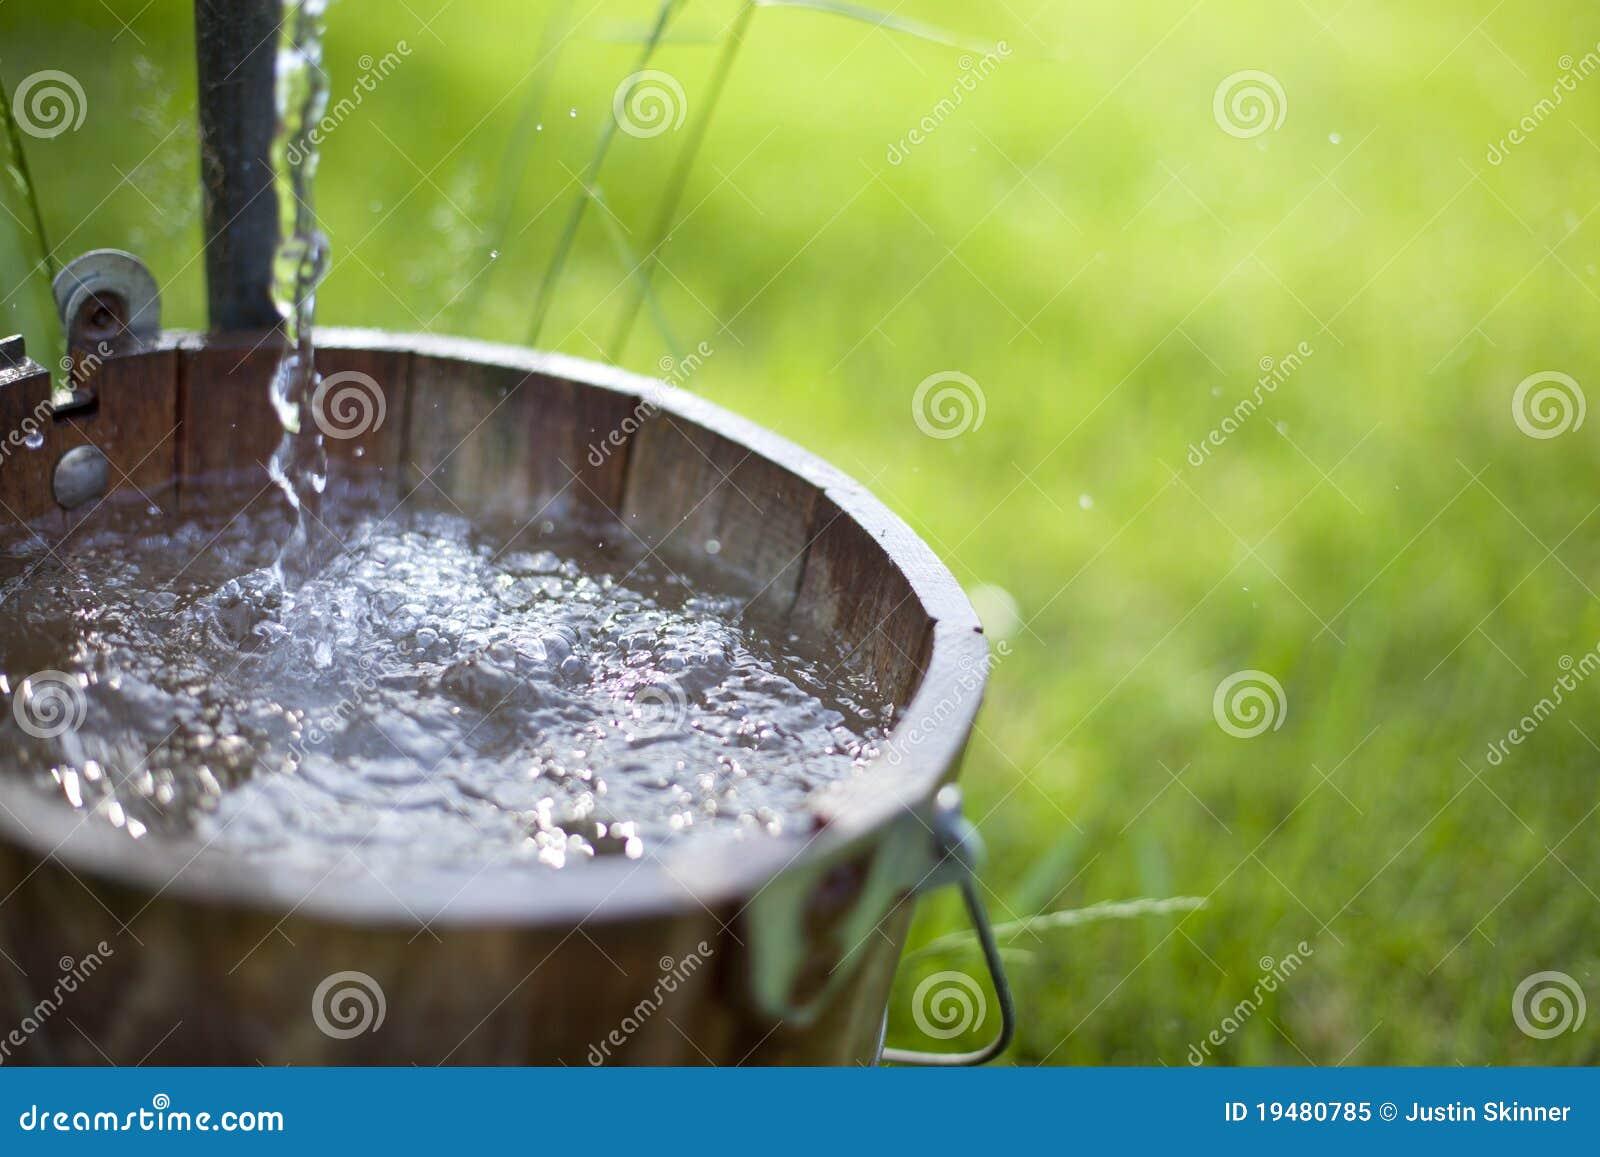 飞溅水的时段